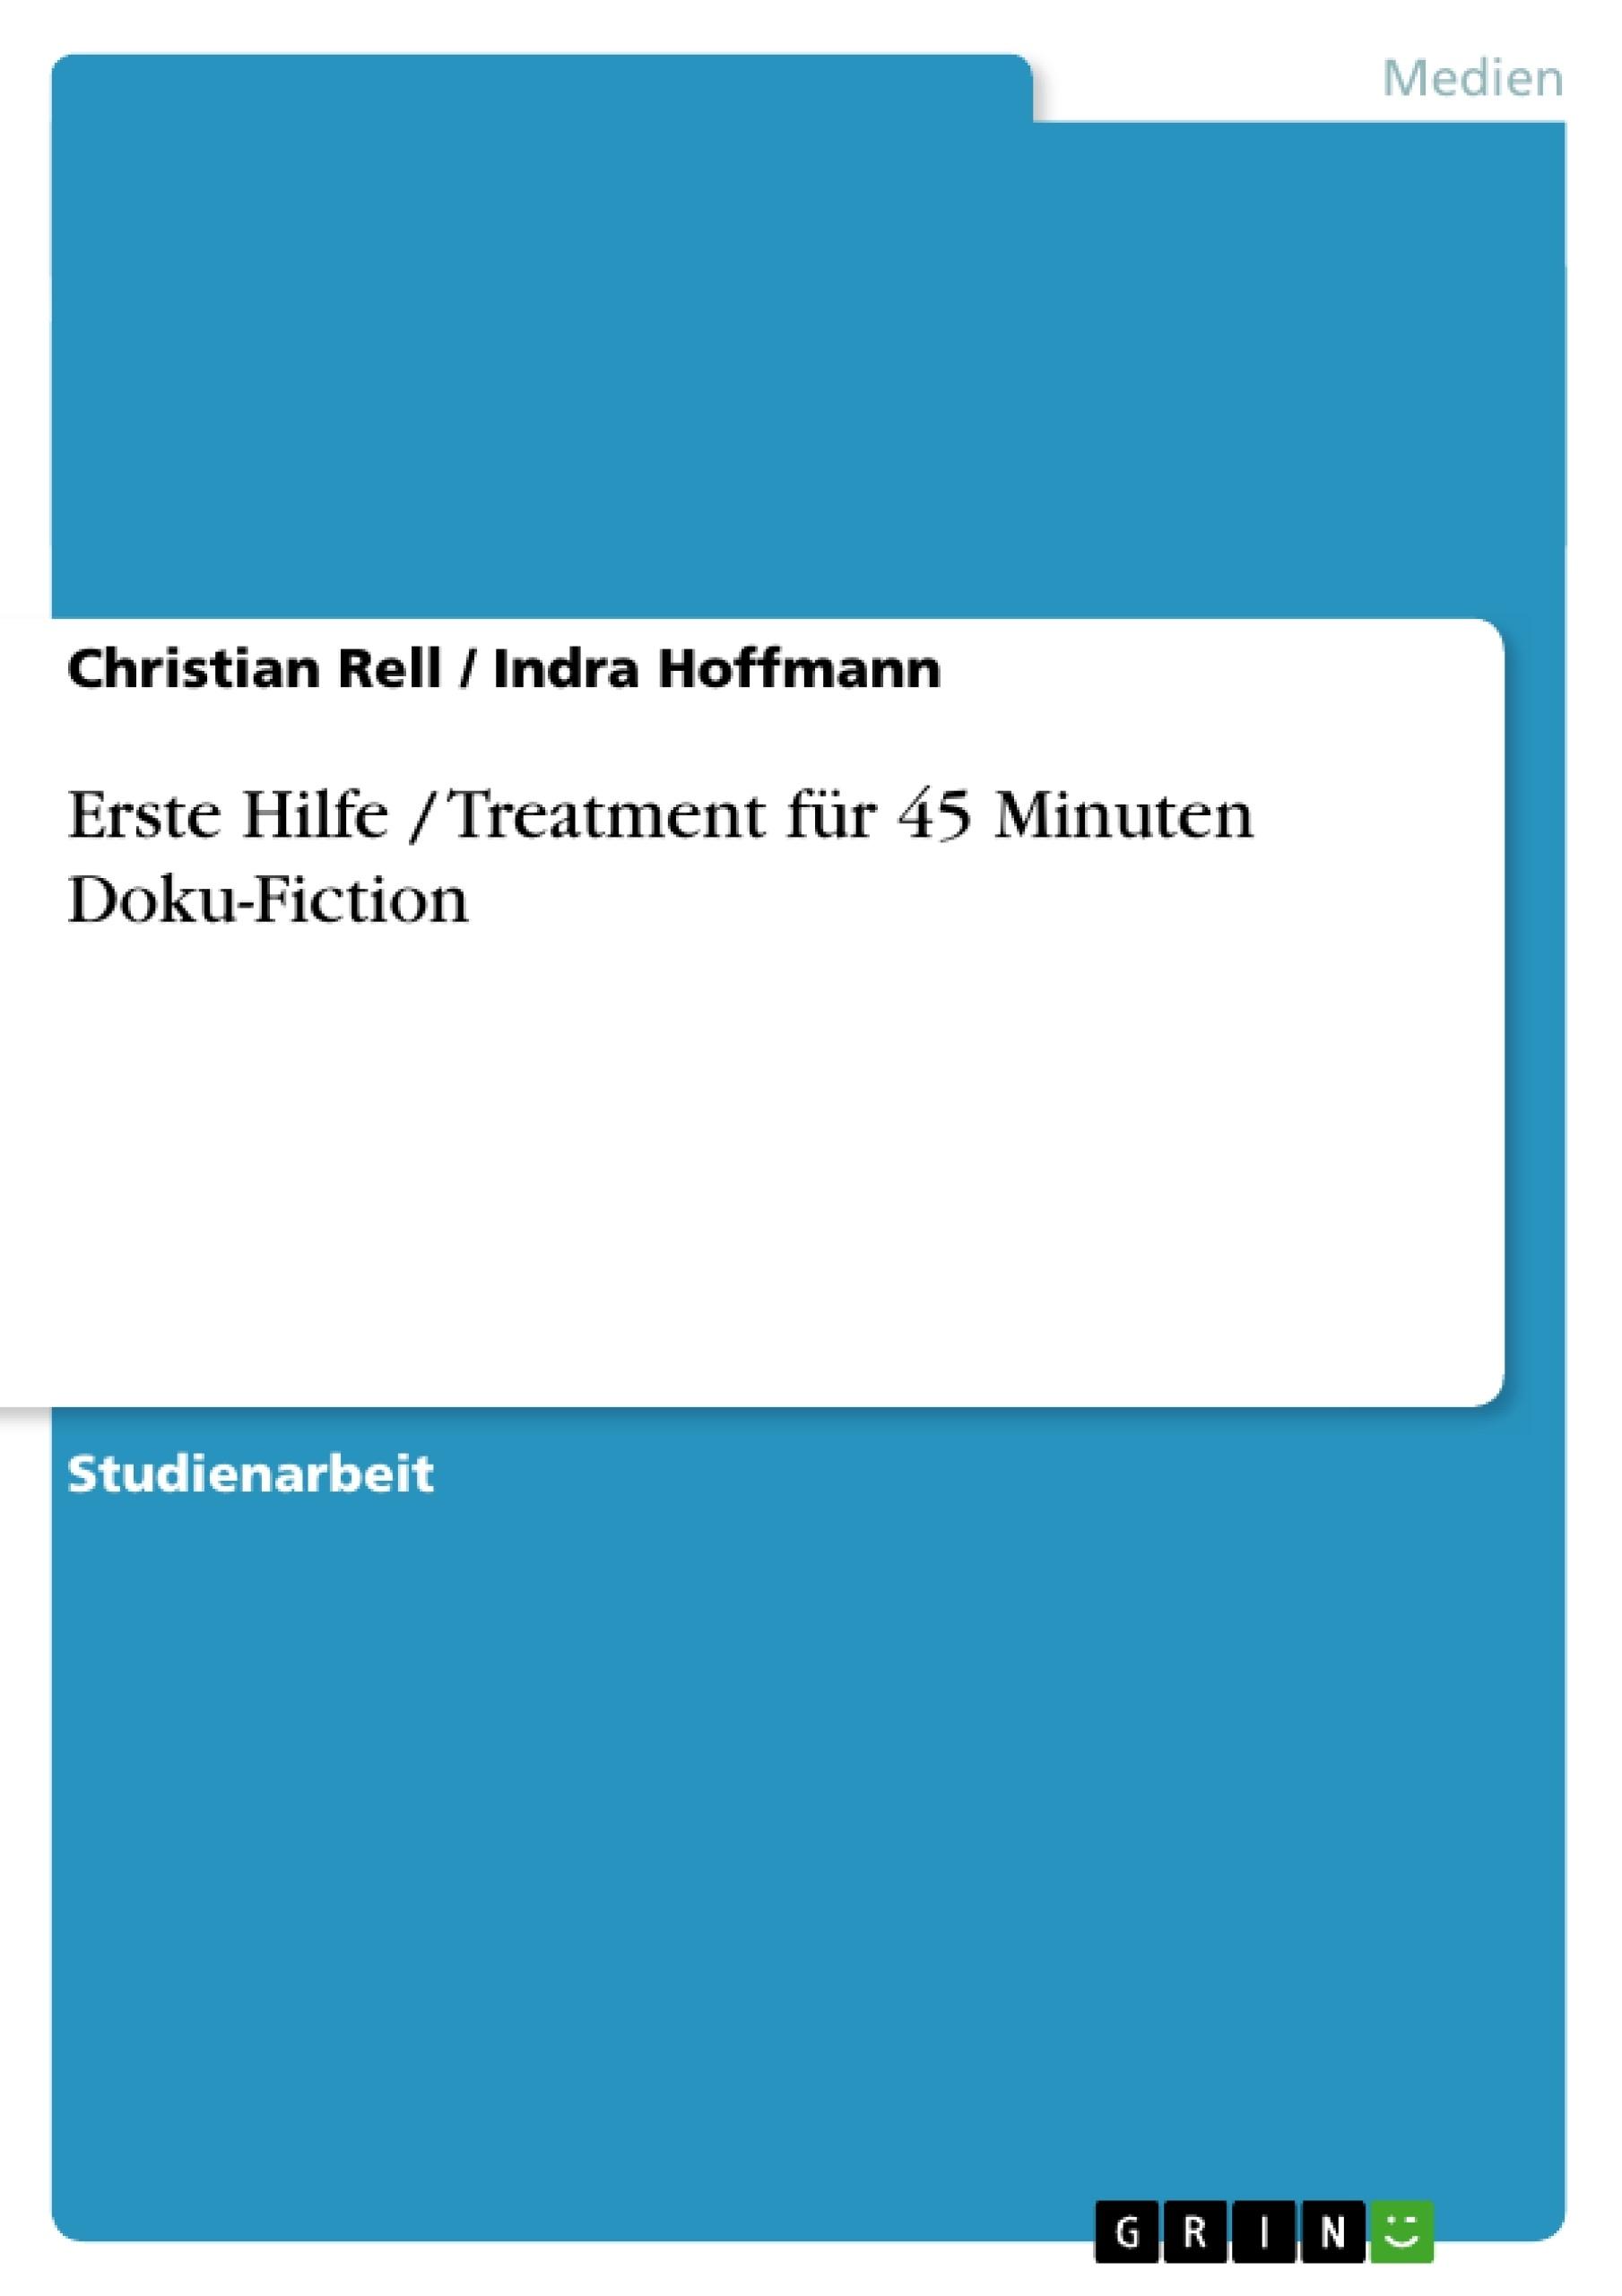 Titel: Erste Hilfe / Treatment für 45 Minuten Doku-Fiction